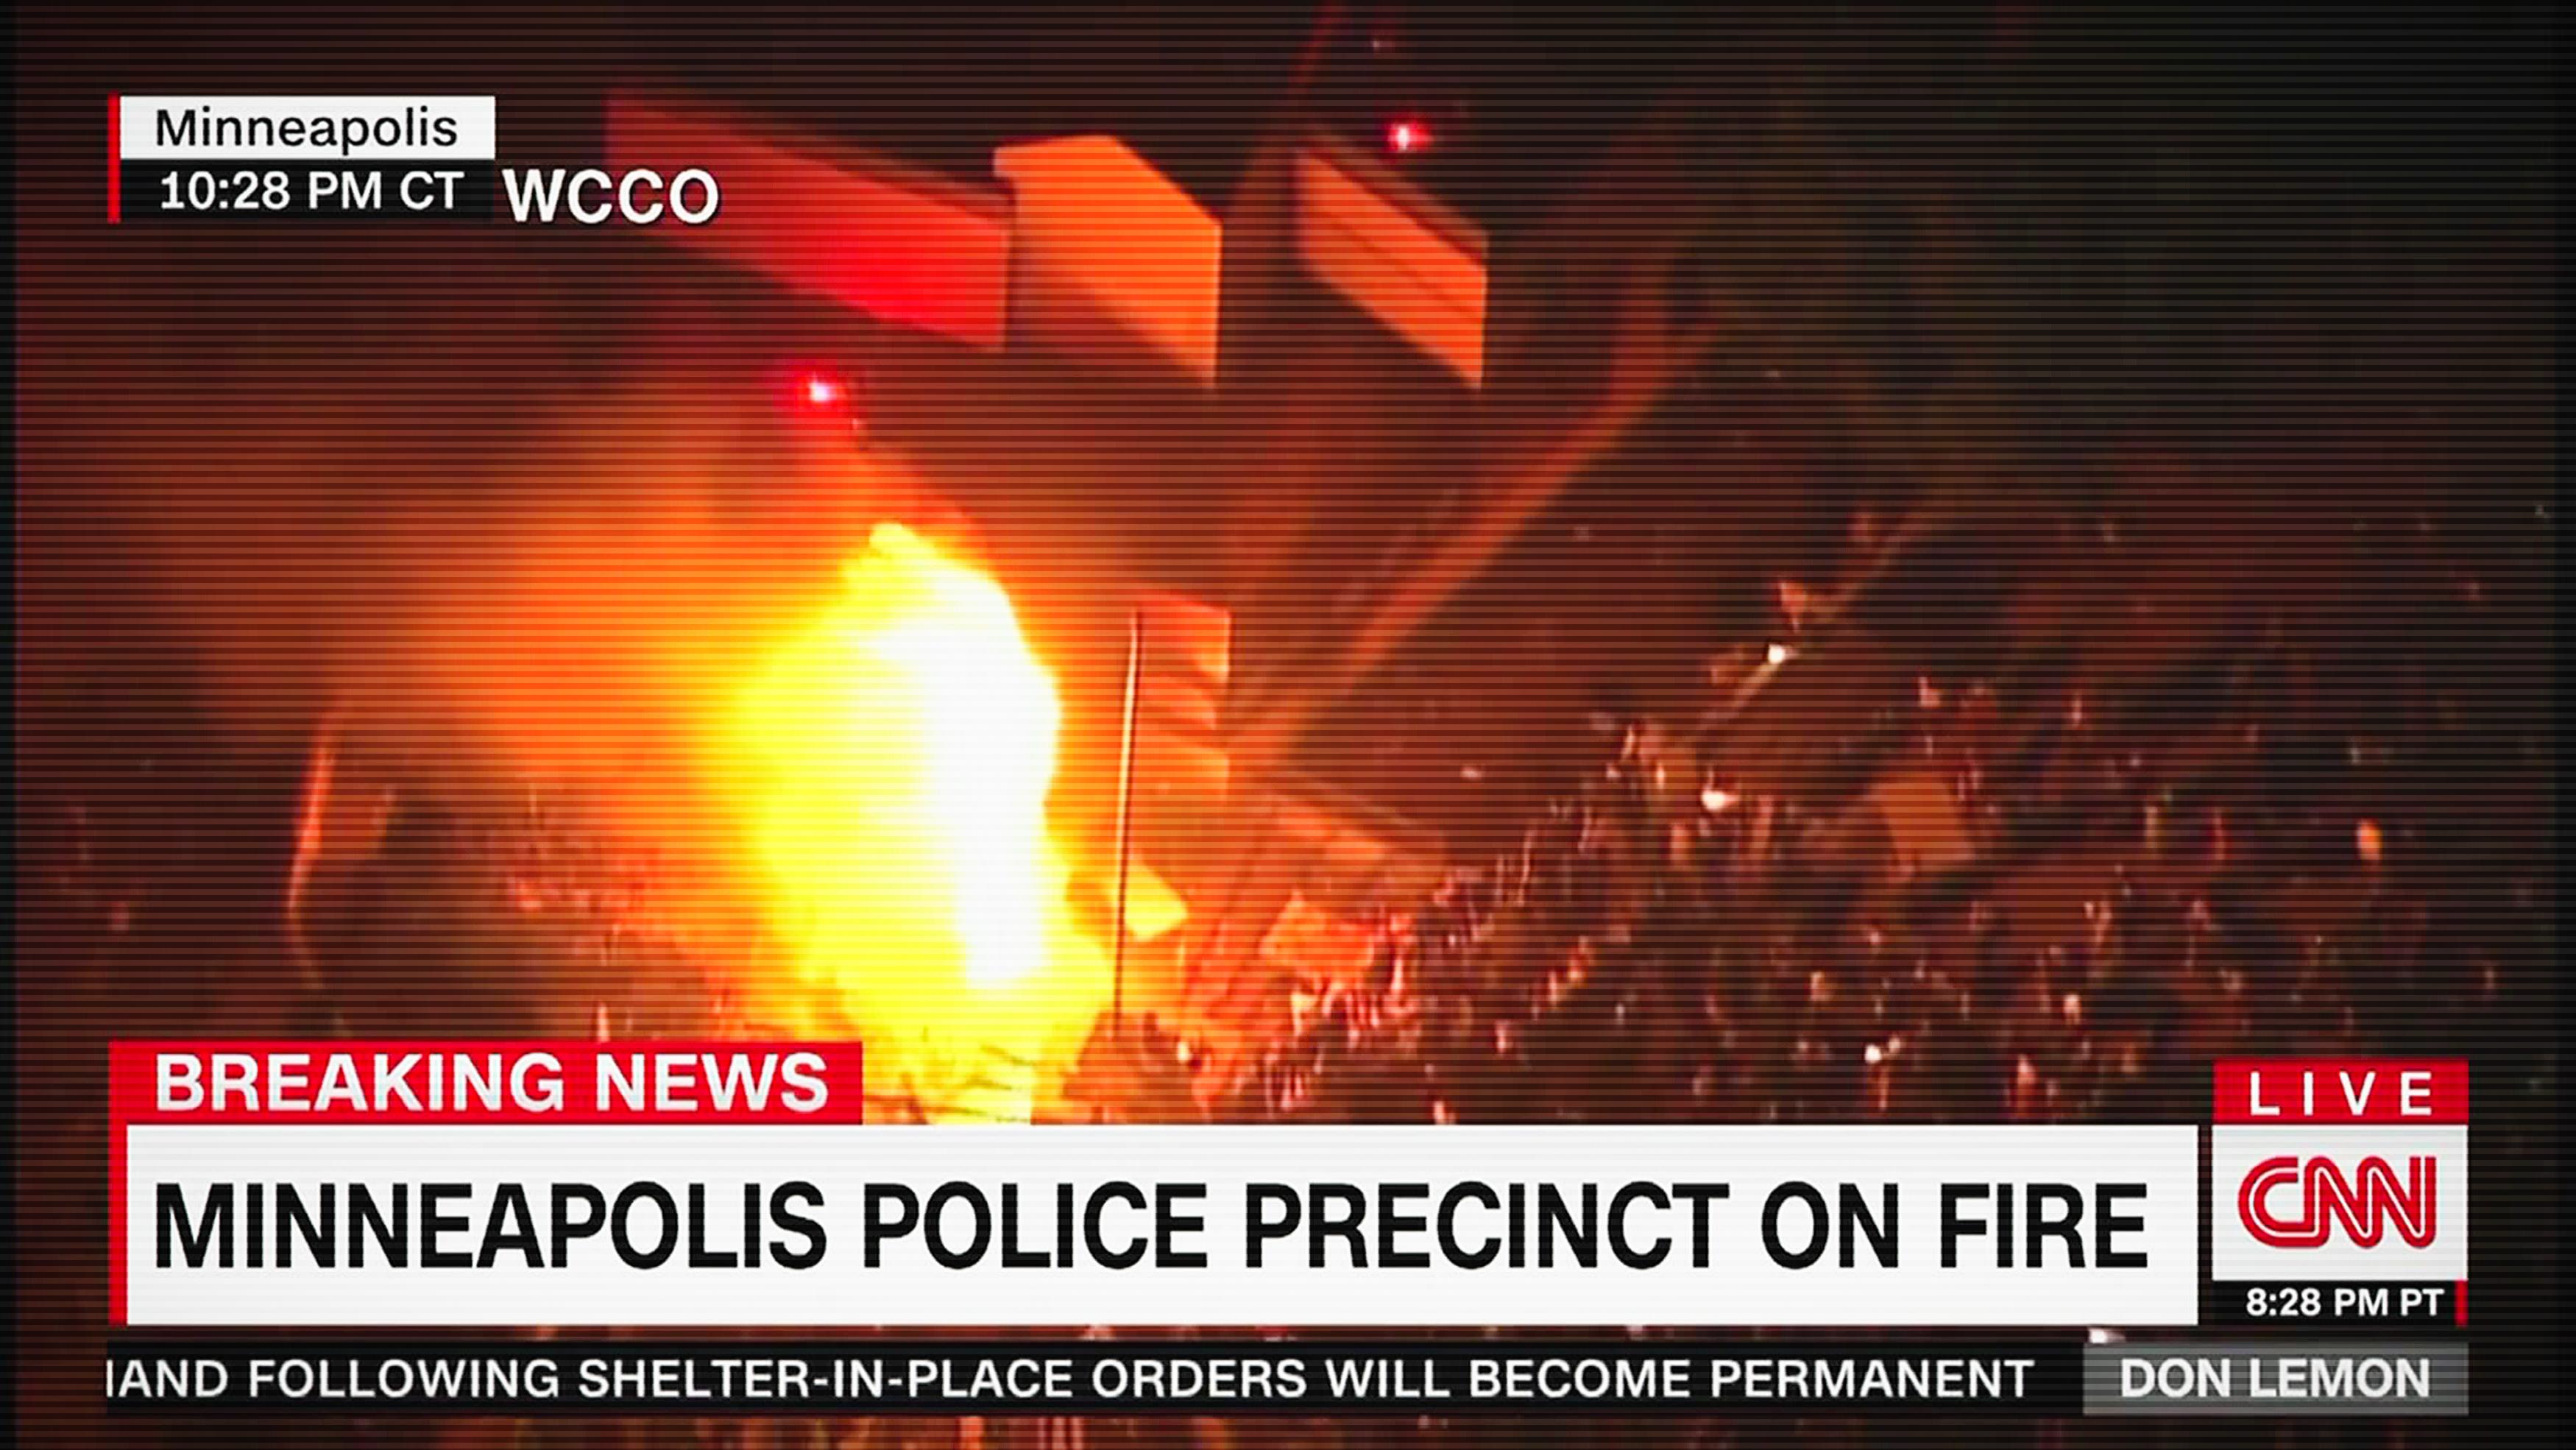 Egyre súlyosabb a helyzet Minneapolisban, lángokban áll egy rendőrőrs